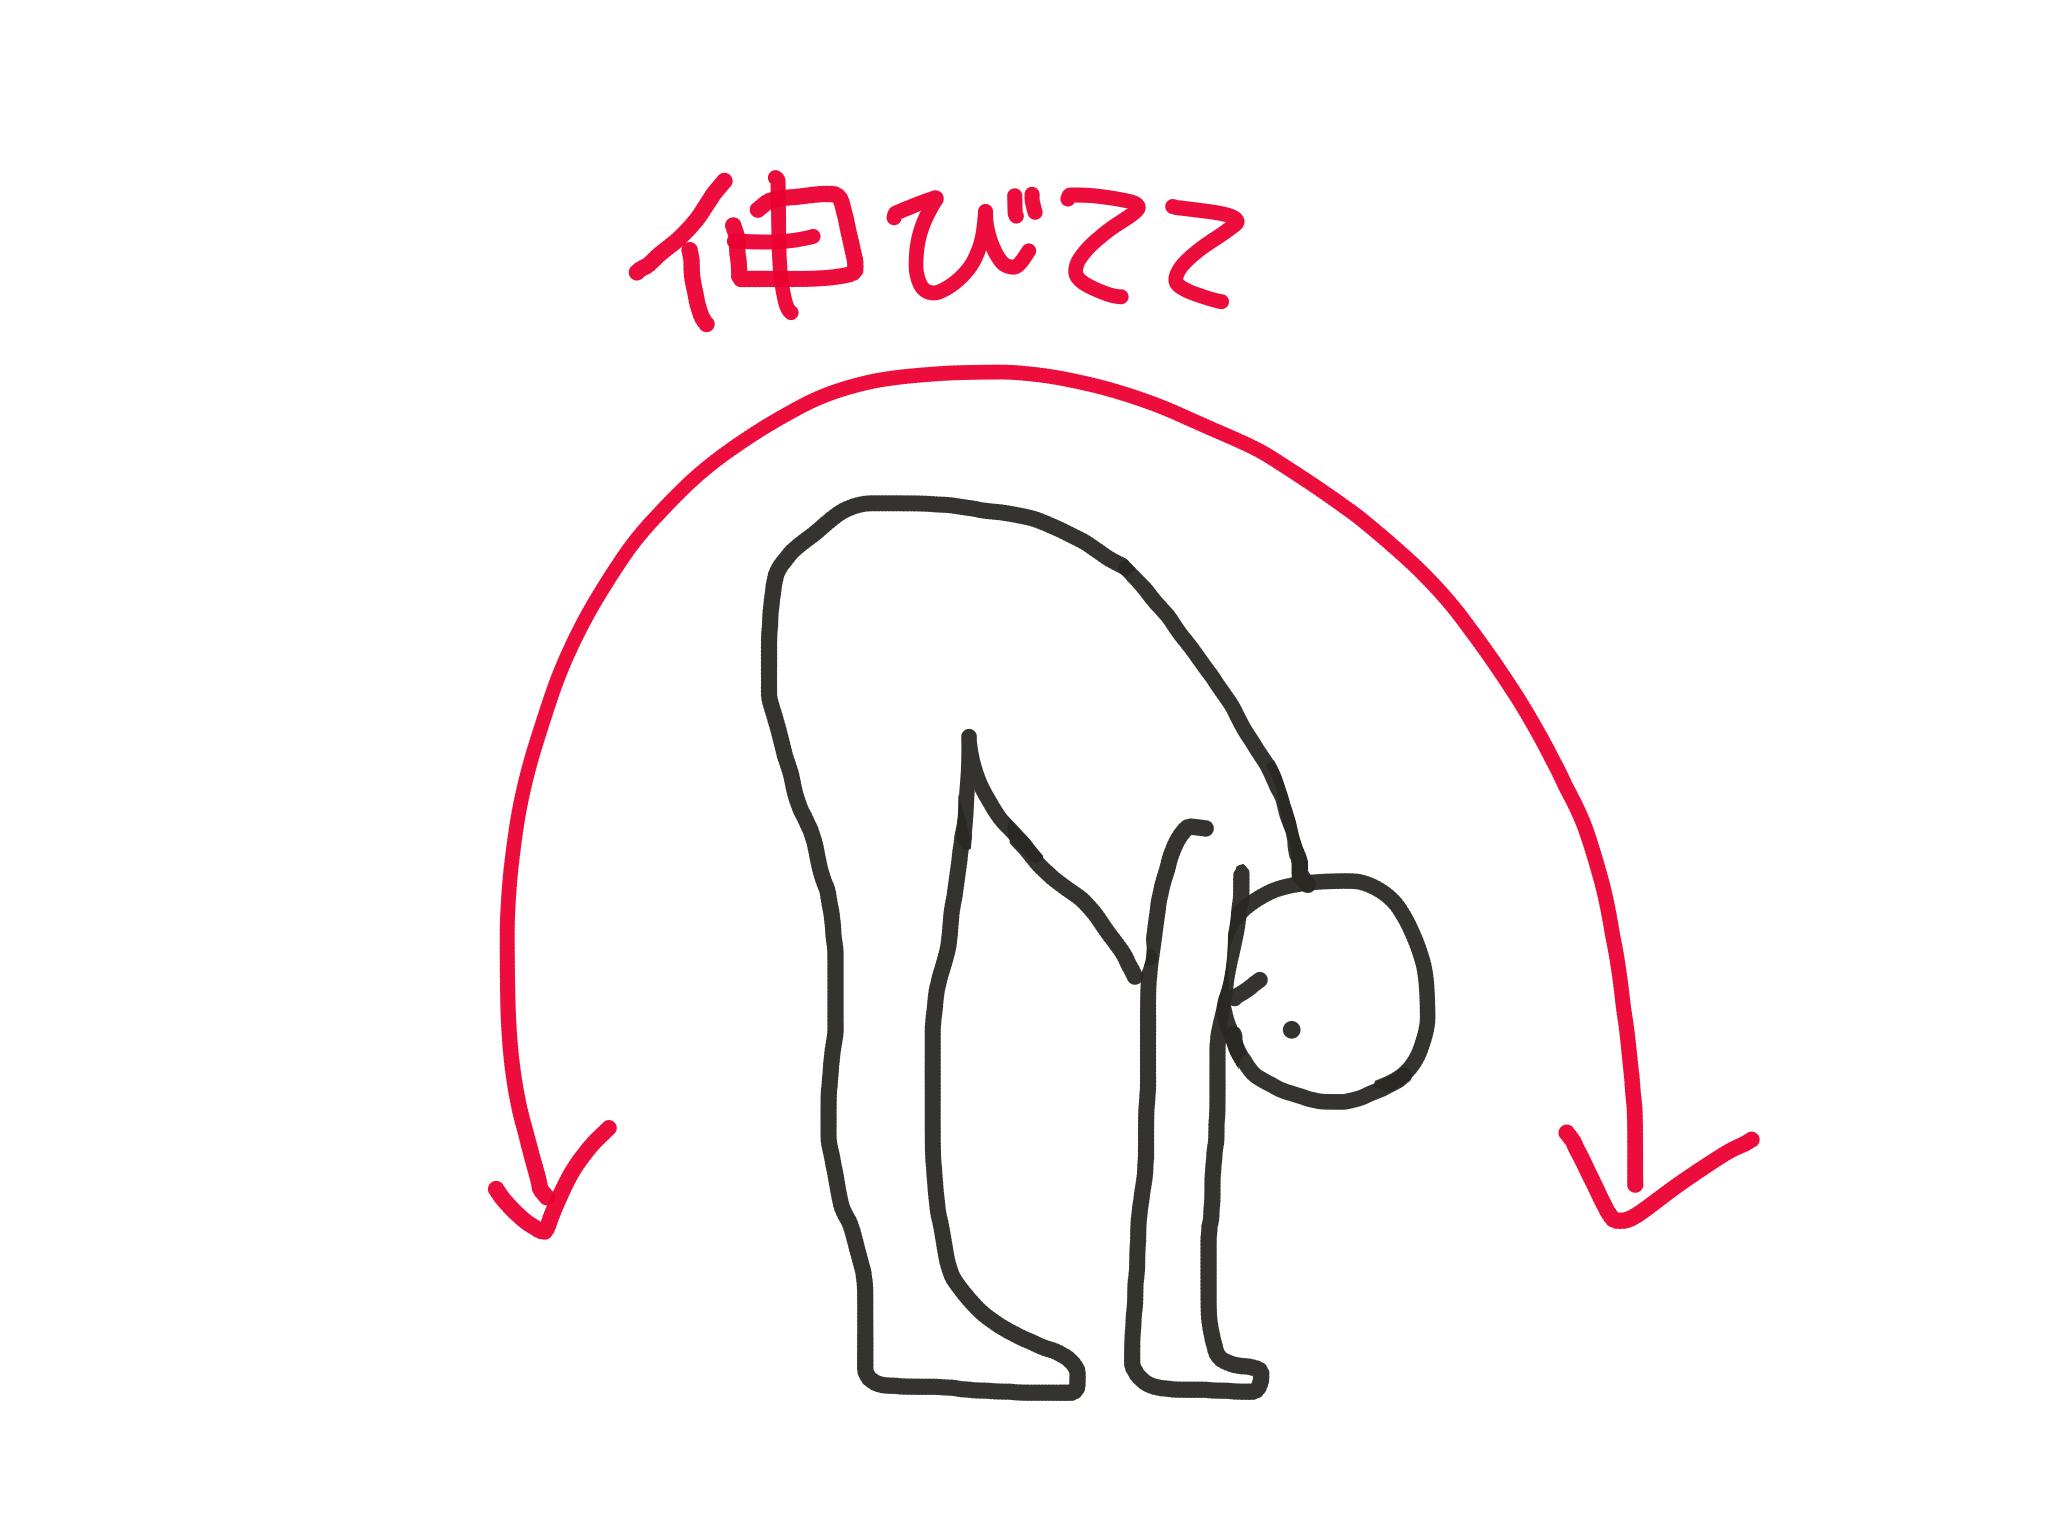 伸びてる 筋肉